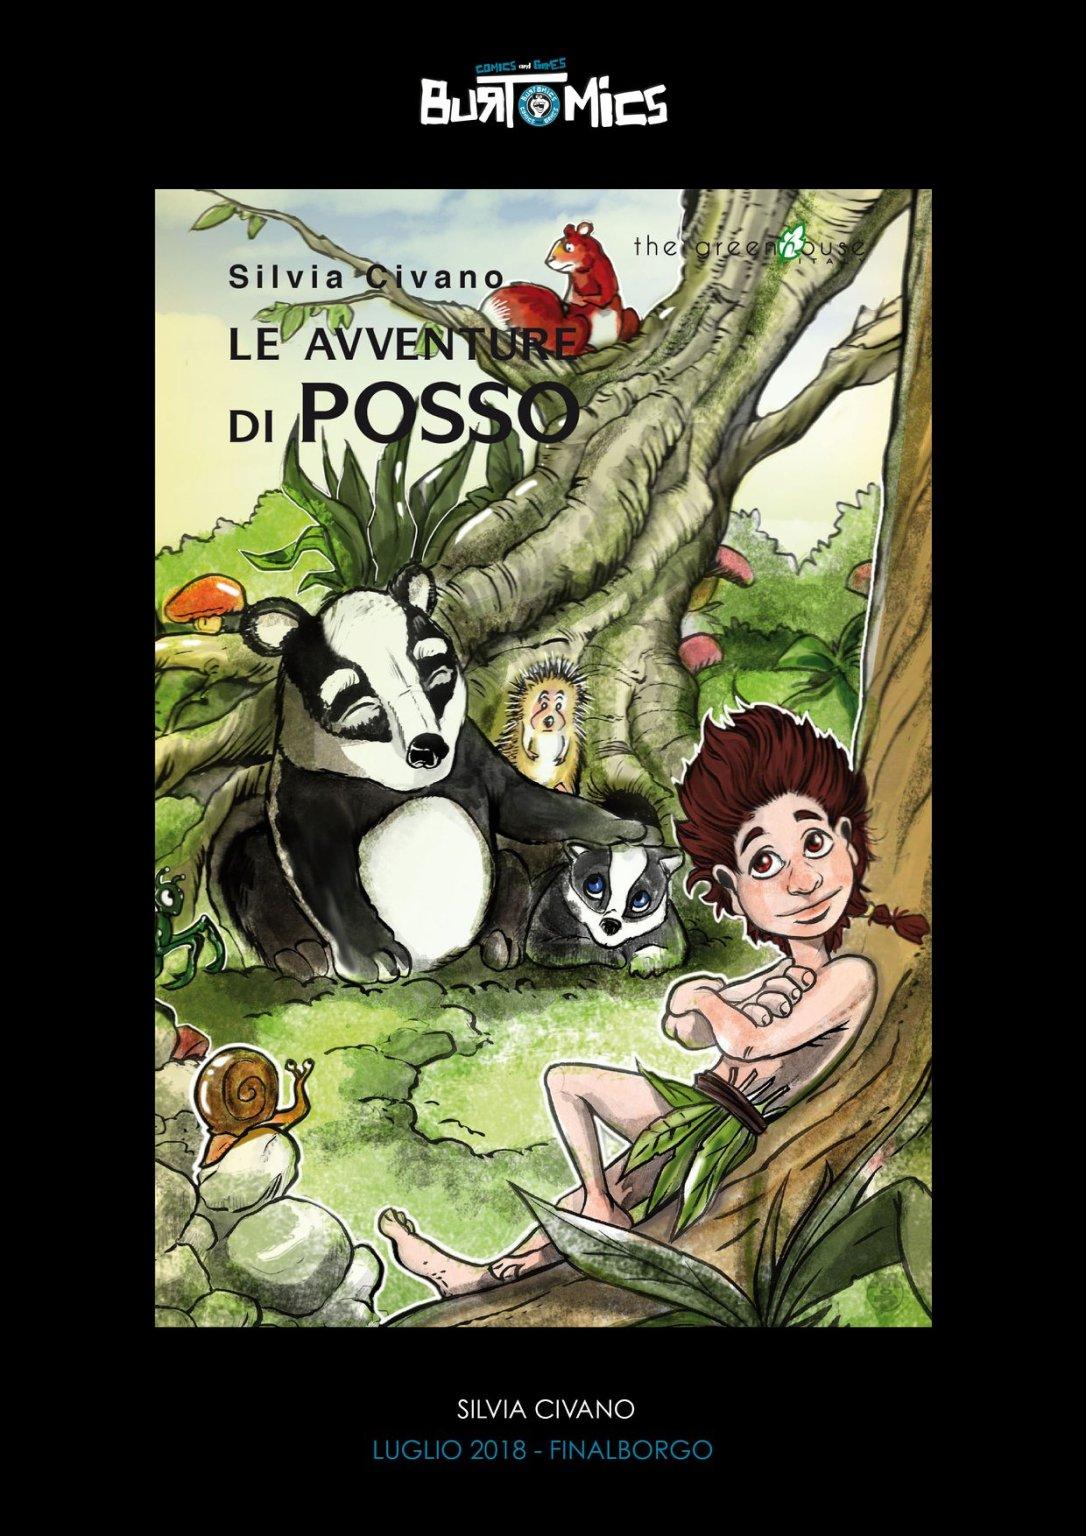 Le avventure di Posso a Burtomics. Silvia Civano